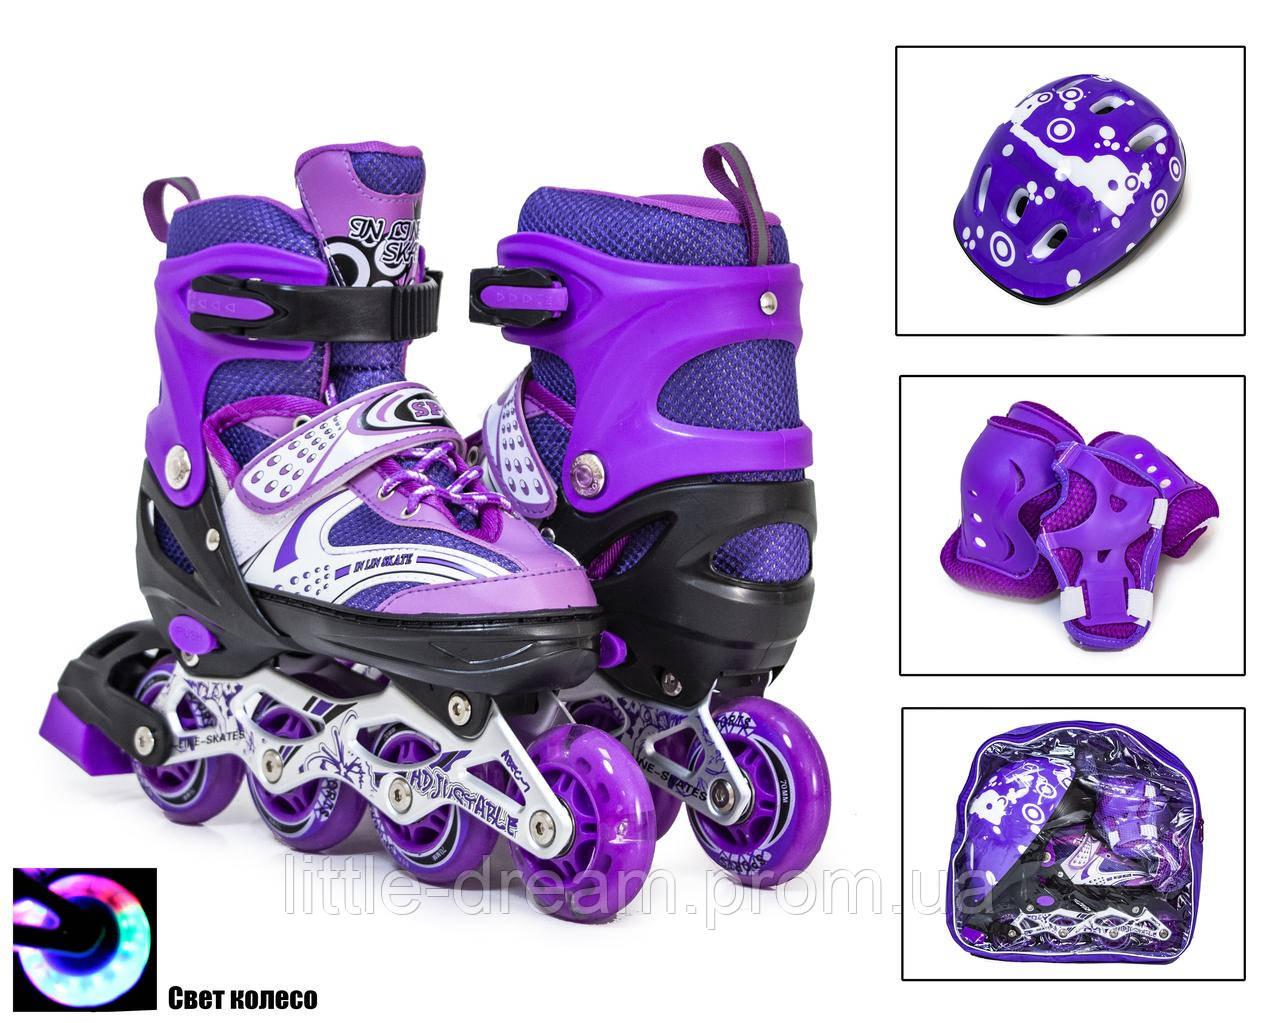 Комплект роликов с защитой и шлемом Happy. Фиолетовый, размер 29-33,34-37